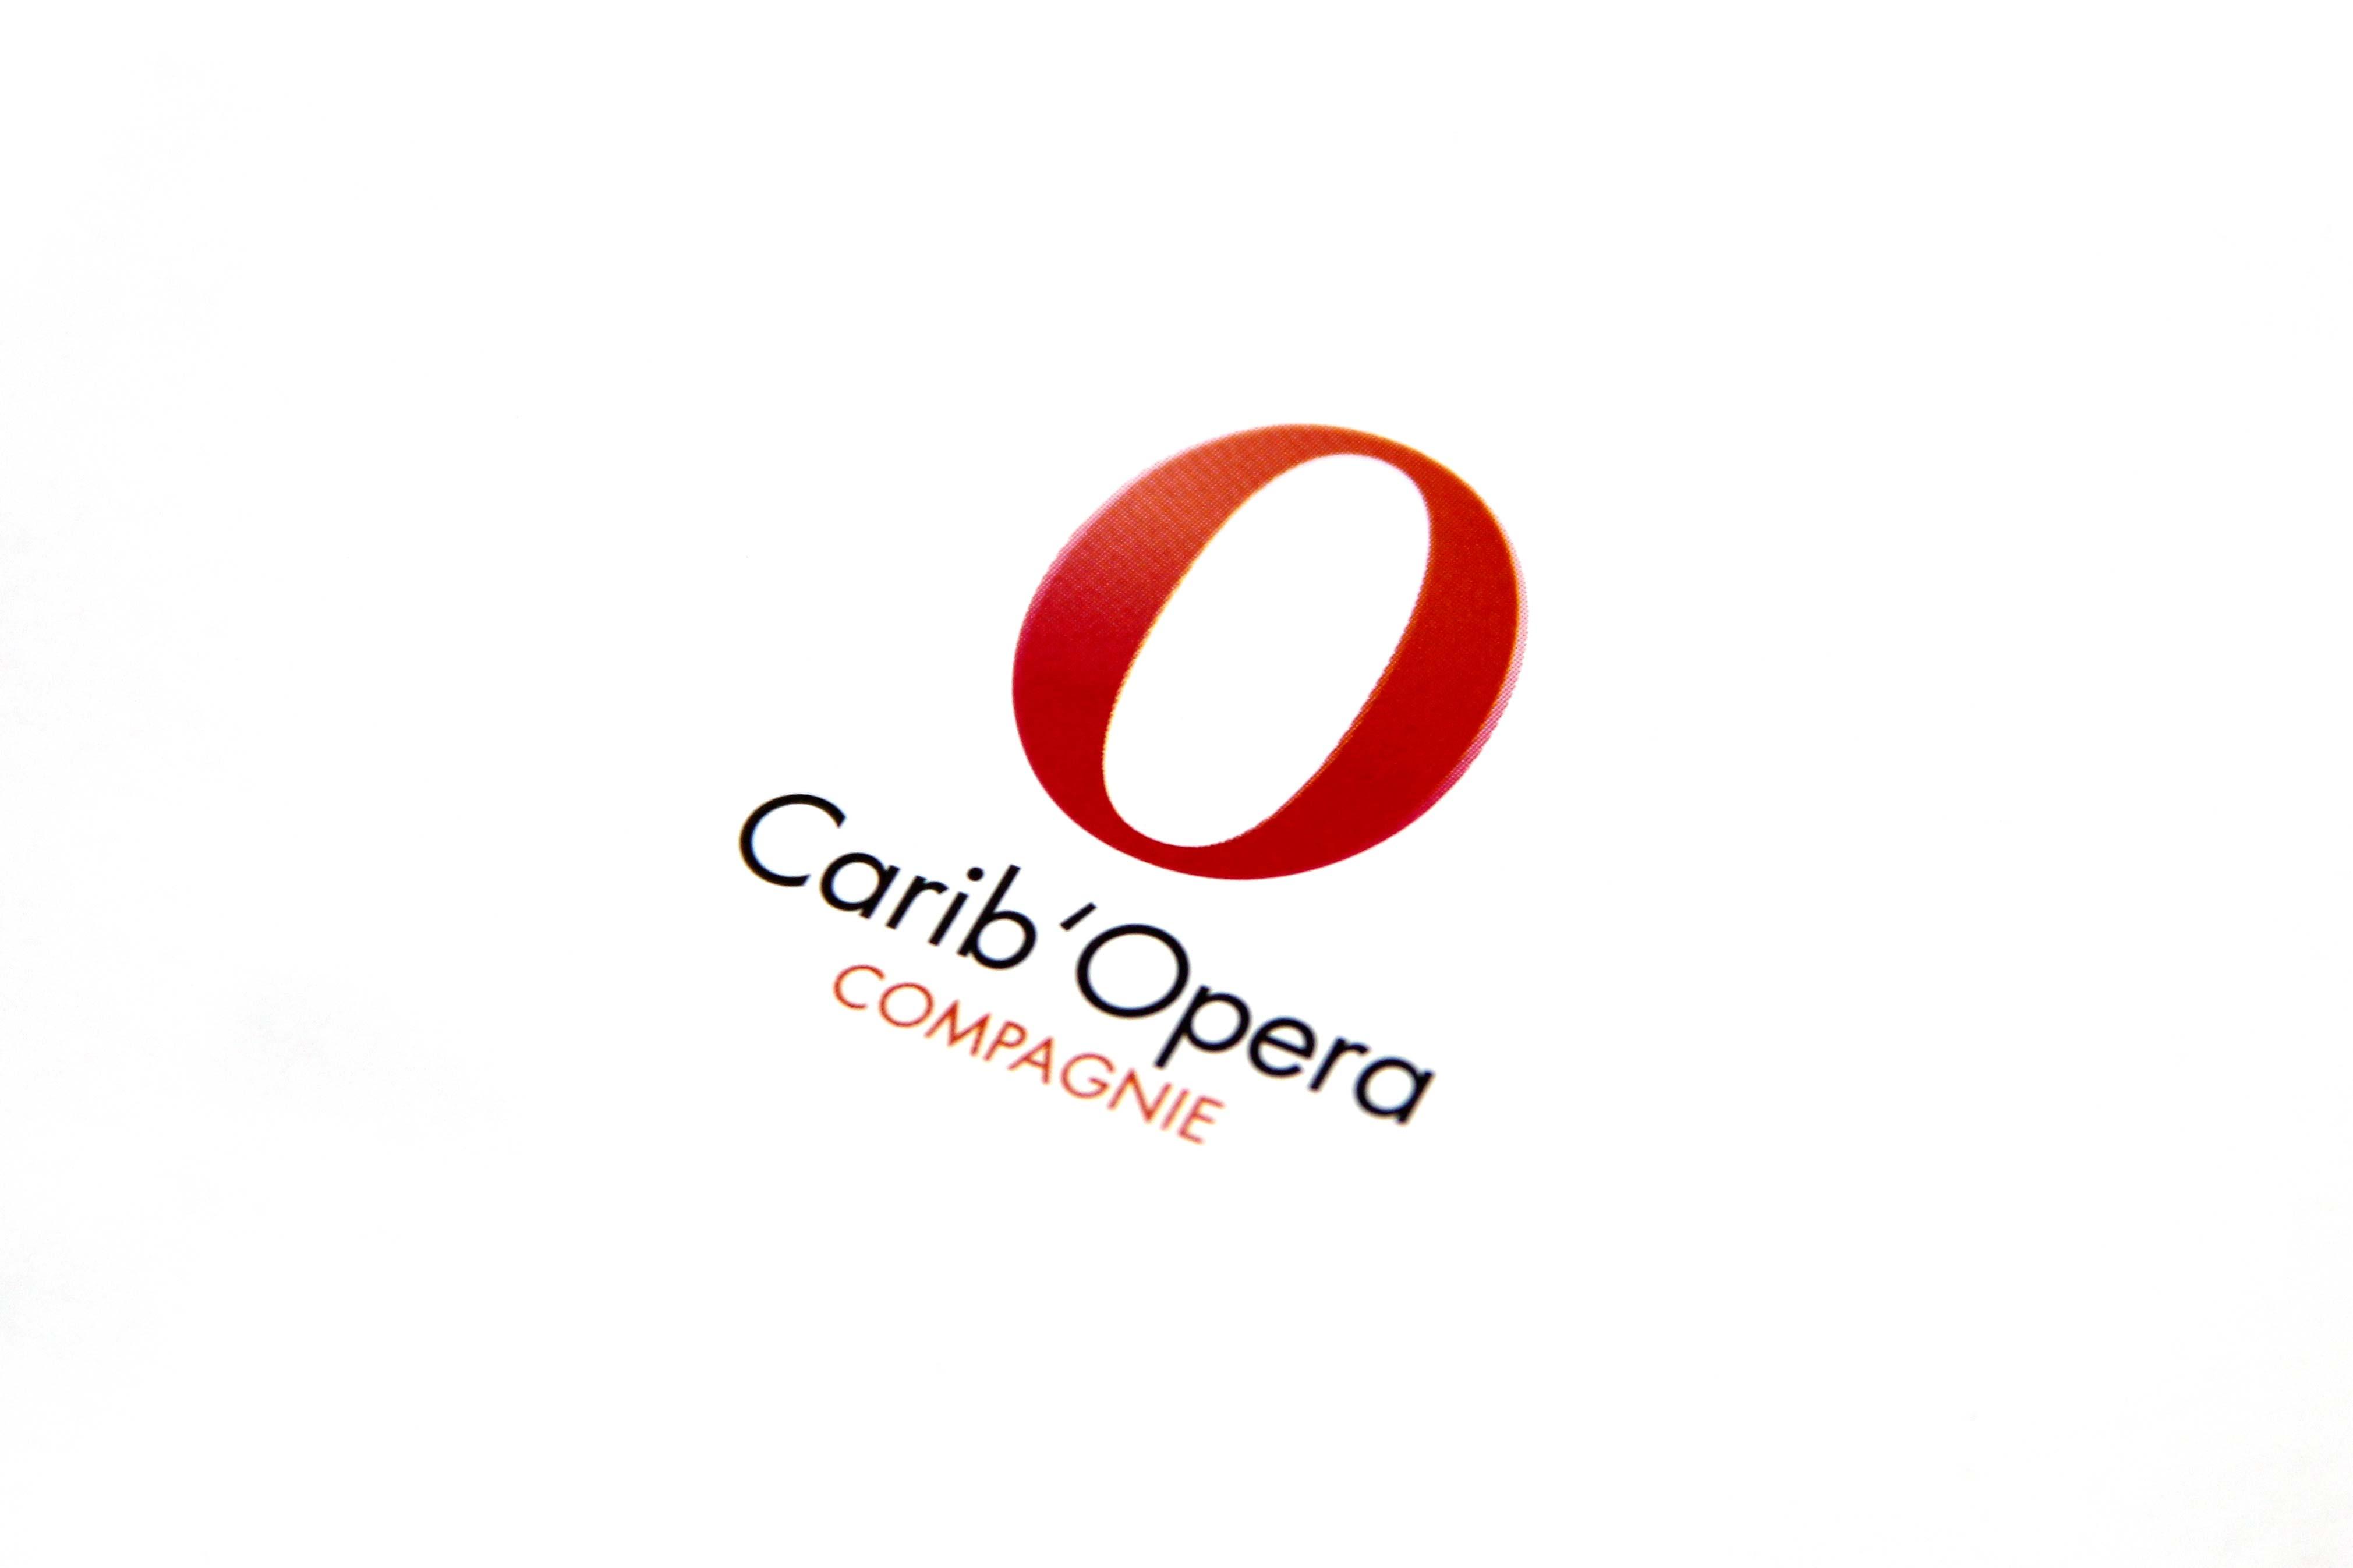 carib1